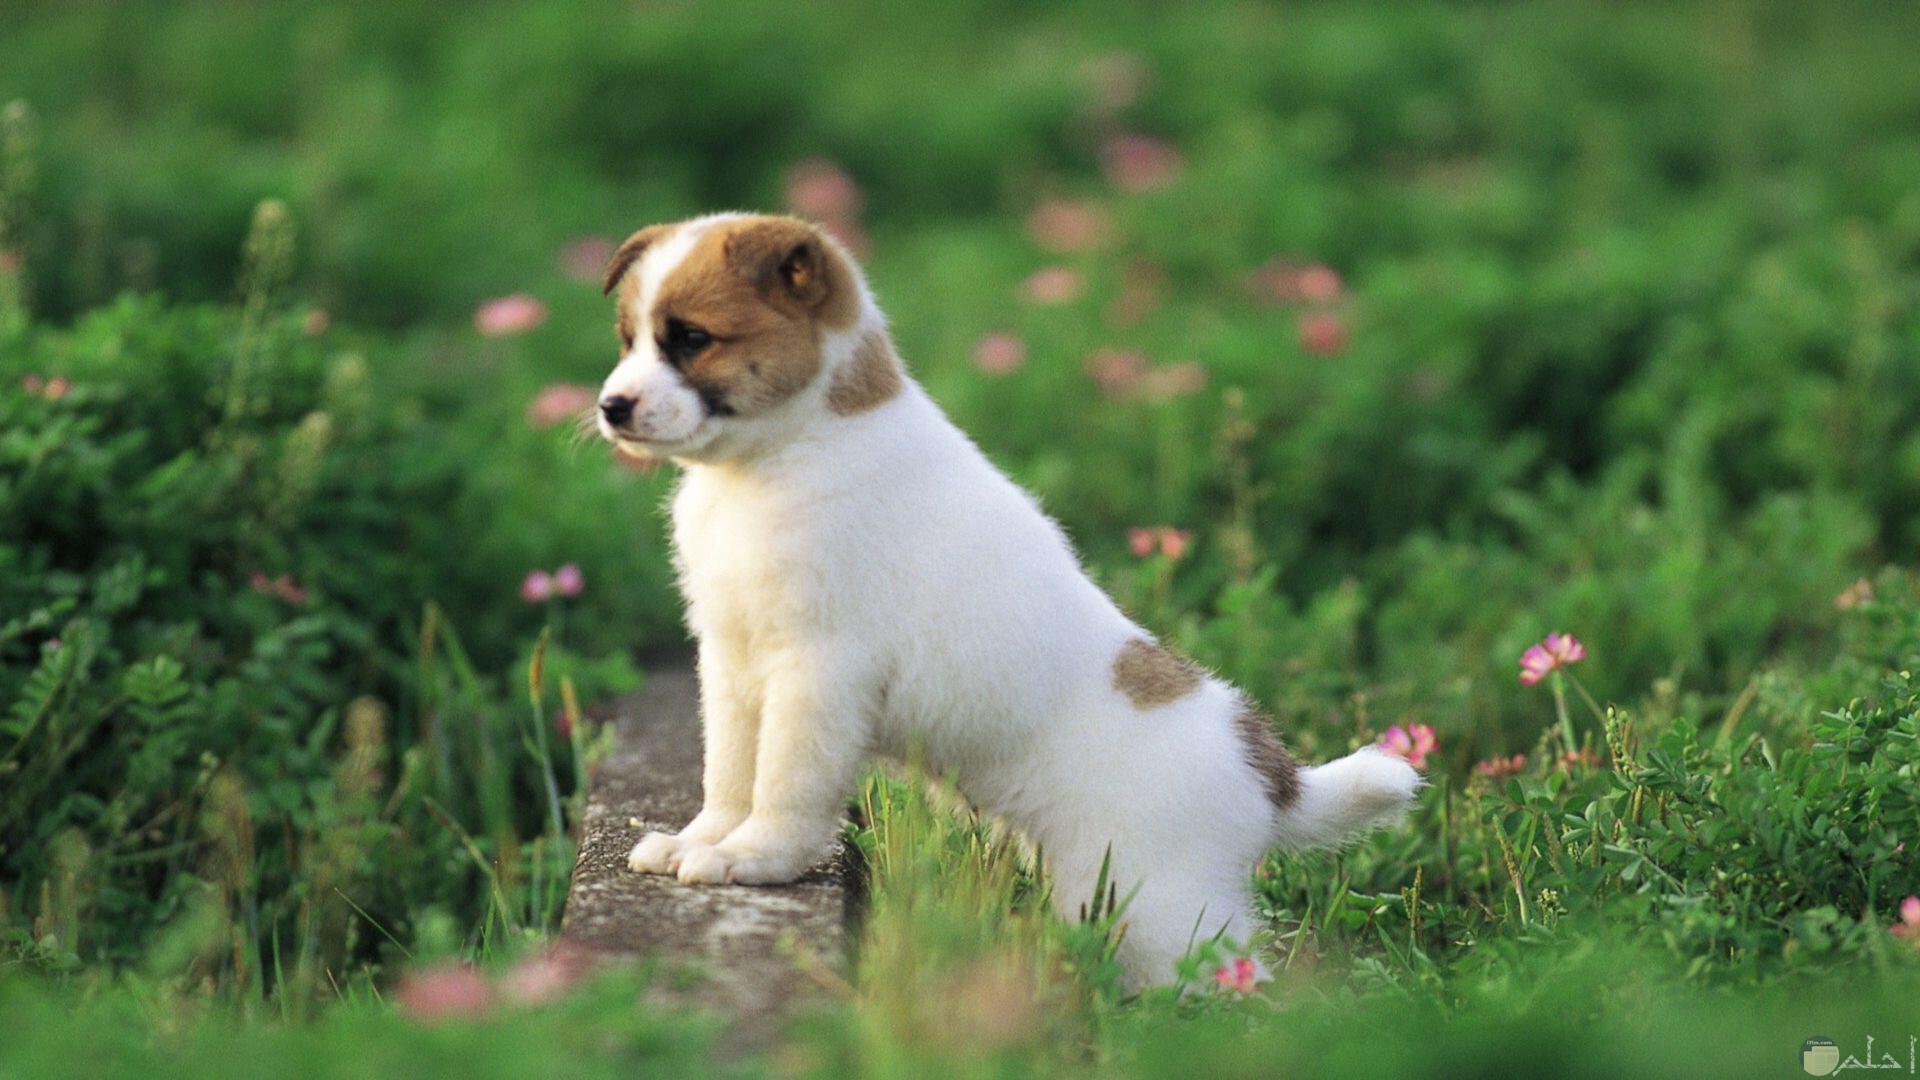 صورة كلب جرو بديع المظهر و اللون.